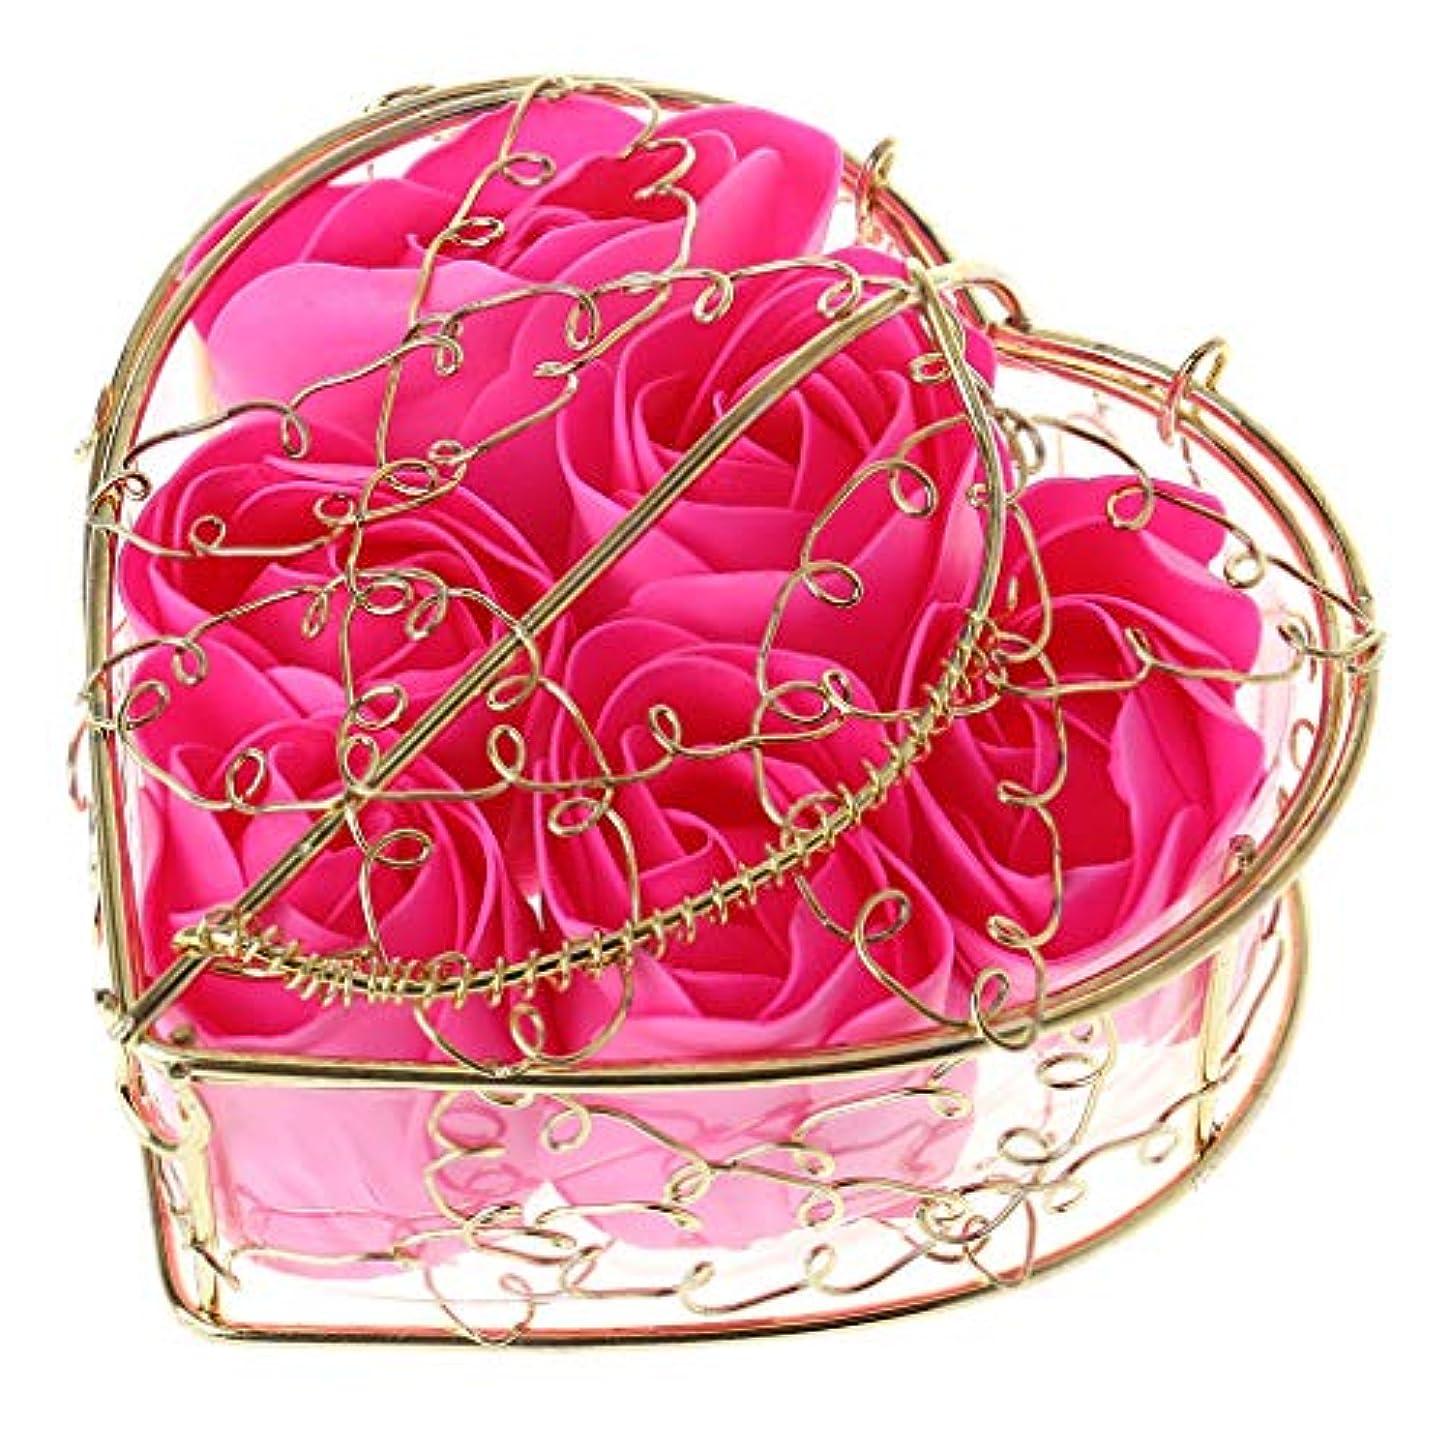 抹消涙が出るパワーKaman-co 6本の香りのバラの花びら、入浴ボディーソープ、ウェディングパーティーの装飾ギフト、バレンタインデーの贈り物 (HP)